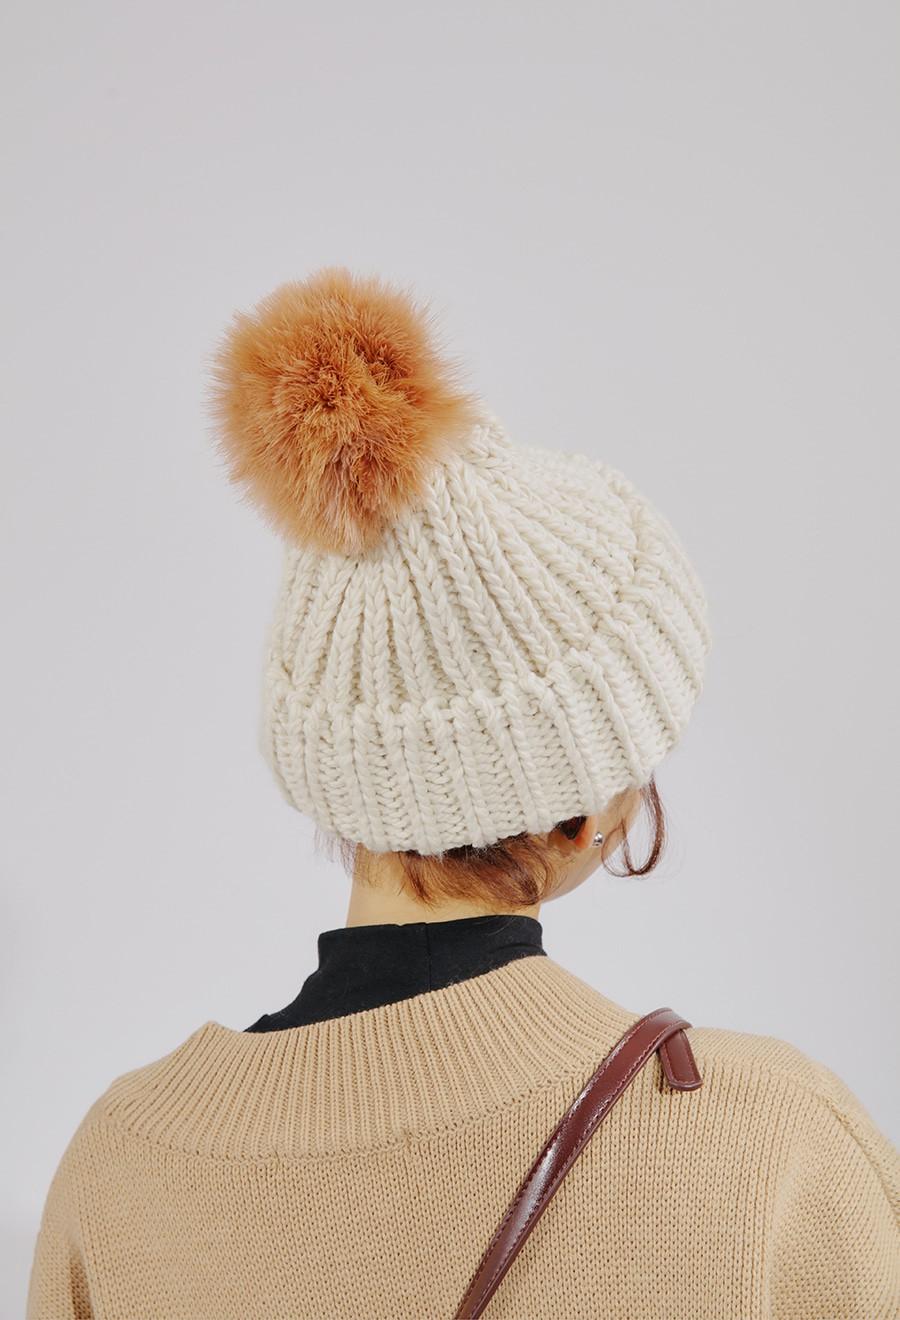 Diện thêm 4 chiếc mũ xinh xắn này, set đồ đi chơi Noel của bạn sẽ đúng điệu và nổi bật hơn hẳn - Ảnh 3.